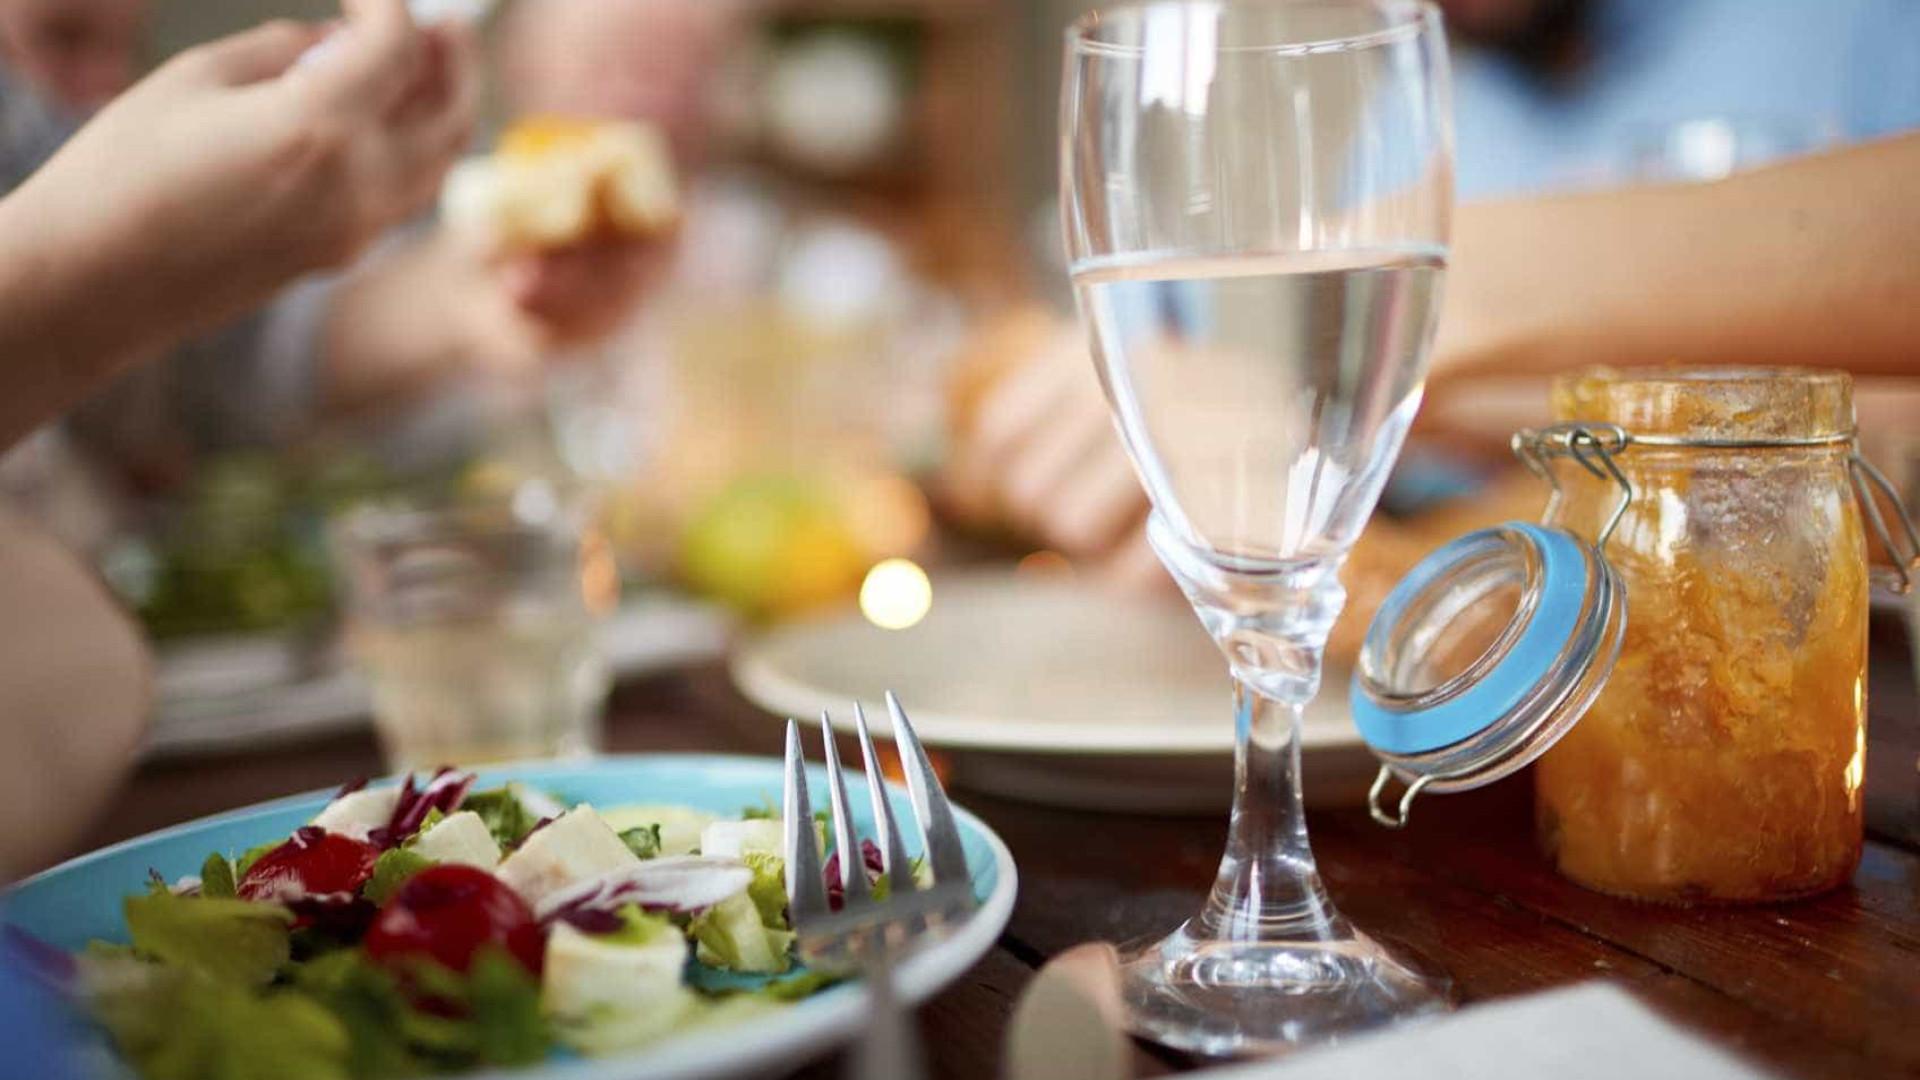 O que acontece com o corpo quando  se bebe água nas refeições?